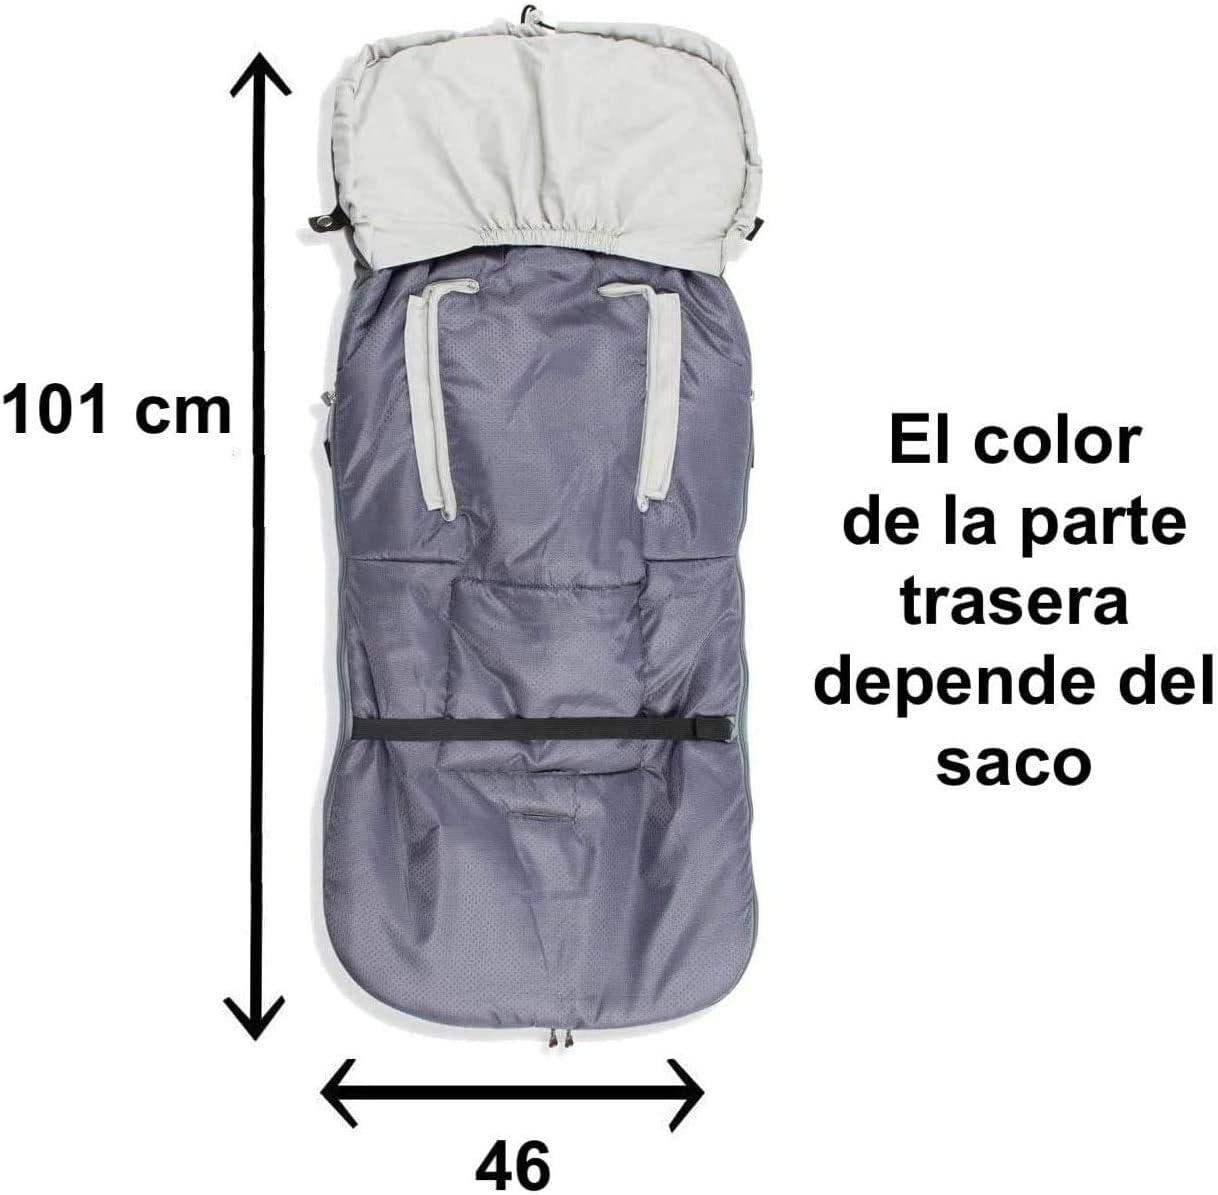 Saco Silla Paseo Transpirable Polar OFERTA Danielstore 1-Rosa animalitos Varios modelos